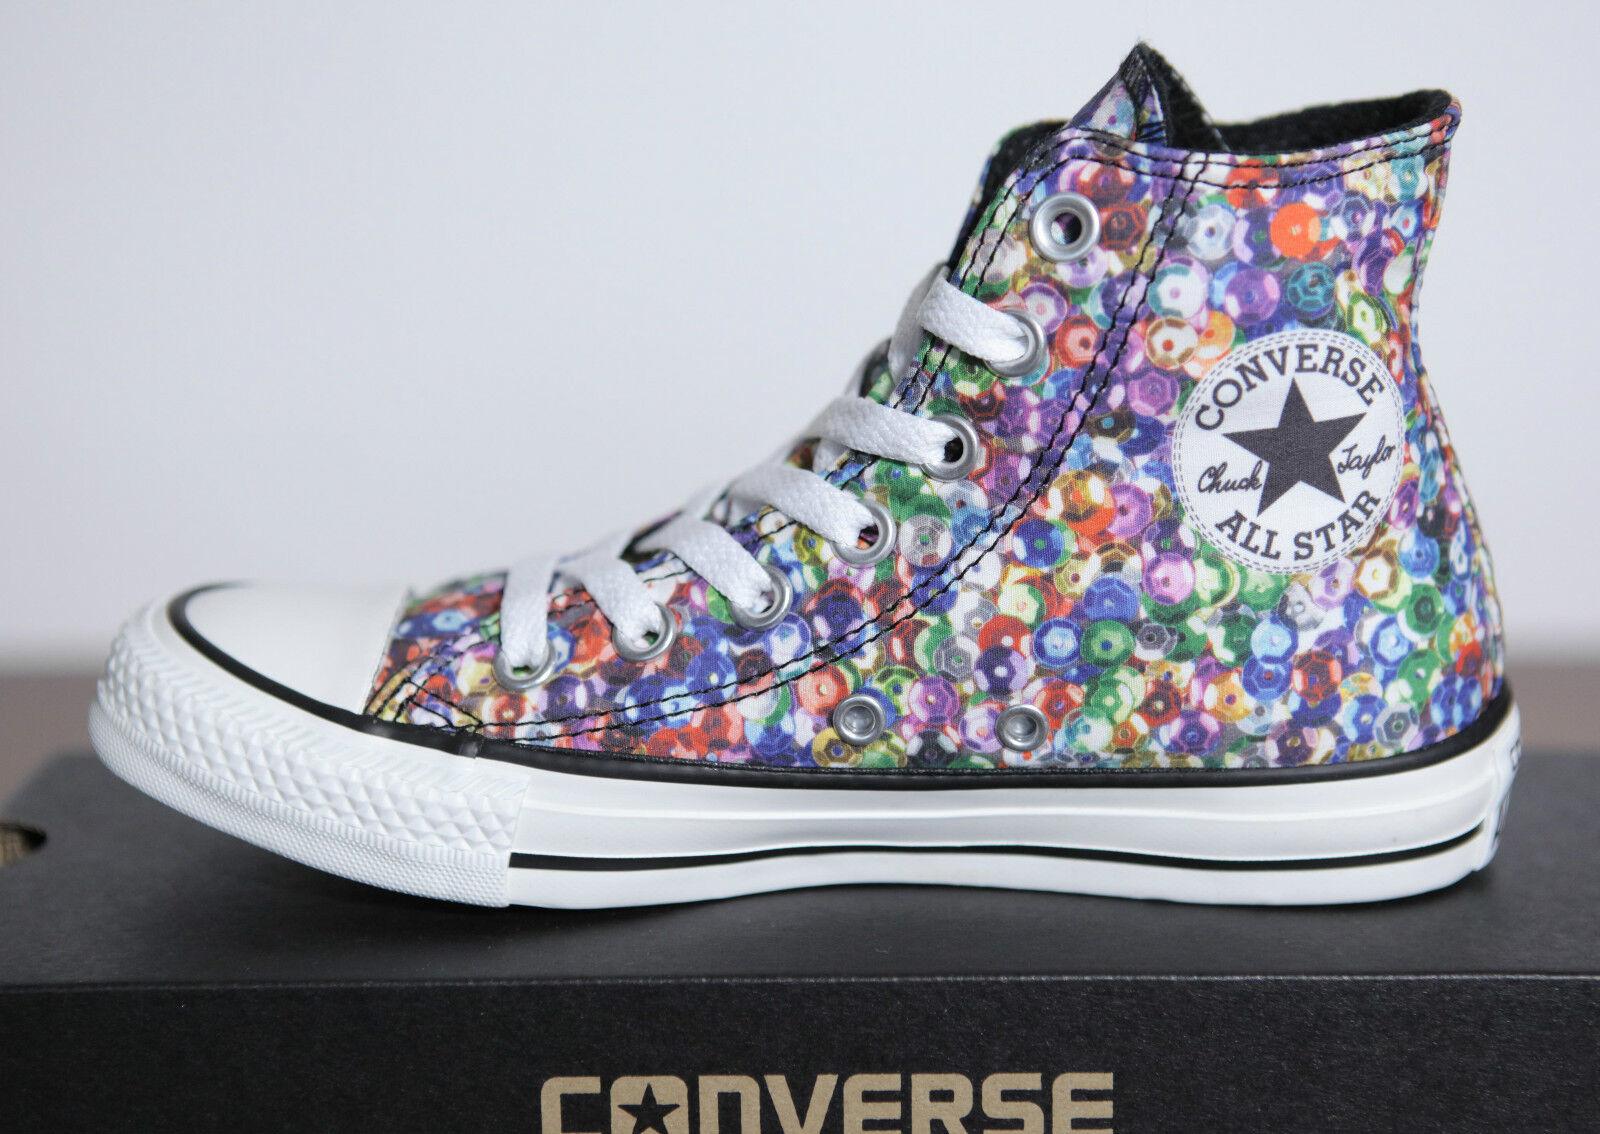 Nuevo All Star Converse Chucks Hi can multi White 542476c cortos